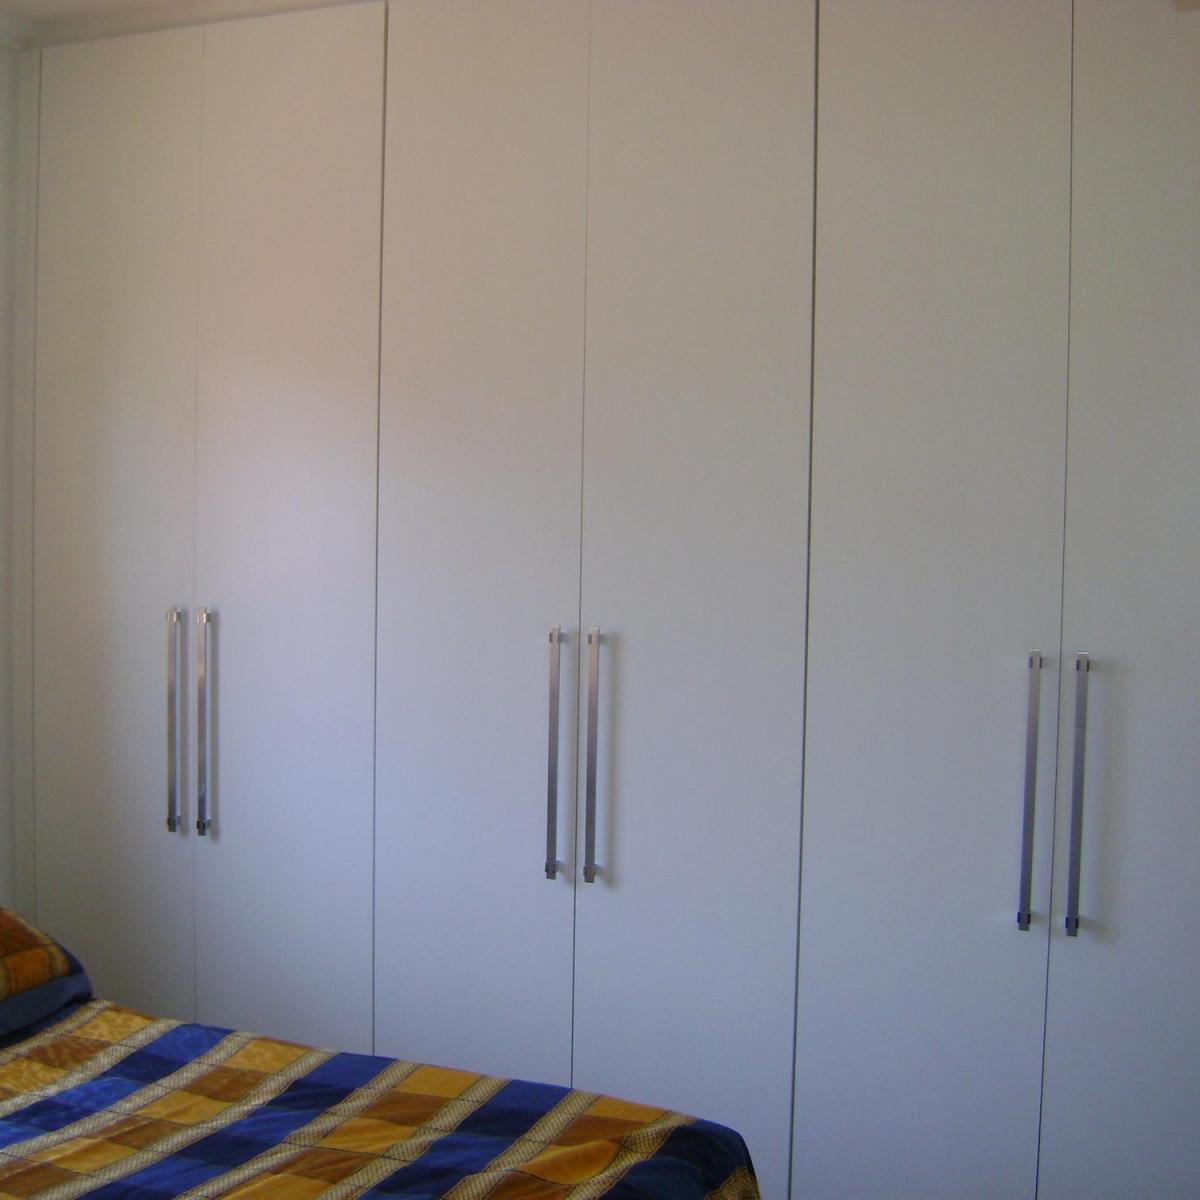 Imagens de #61441E  Oliveira Mogi das Cruzes R$ 590.000 ID: 2921010037 Imovelweb 1200x1200 px 2788 Box Banheiro Mogi Das Cruzes